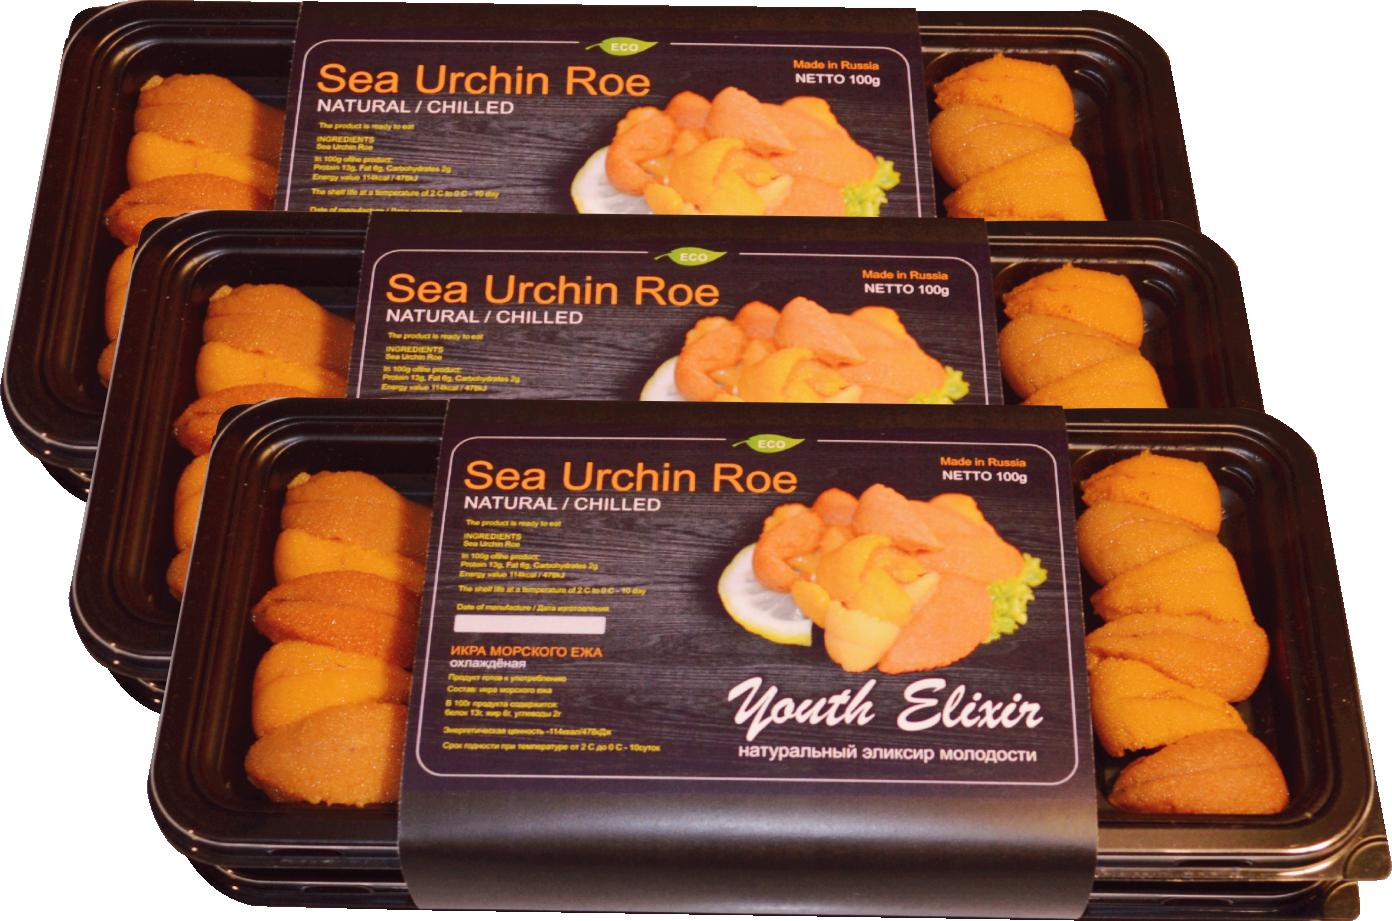 Фасовка морского деликатесаЭксклюзивная технология гарантирует высокое качество икры